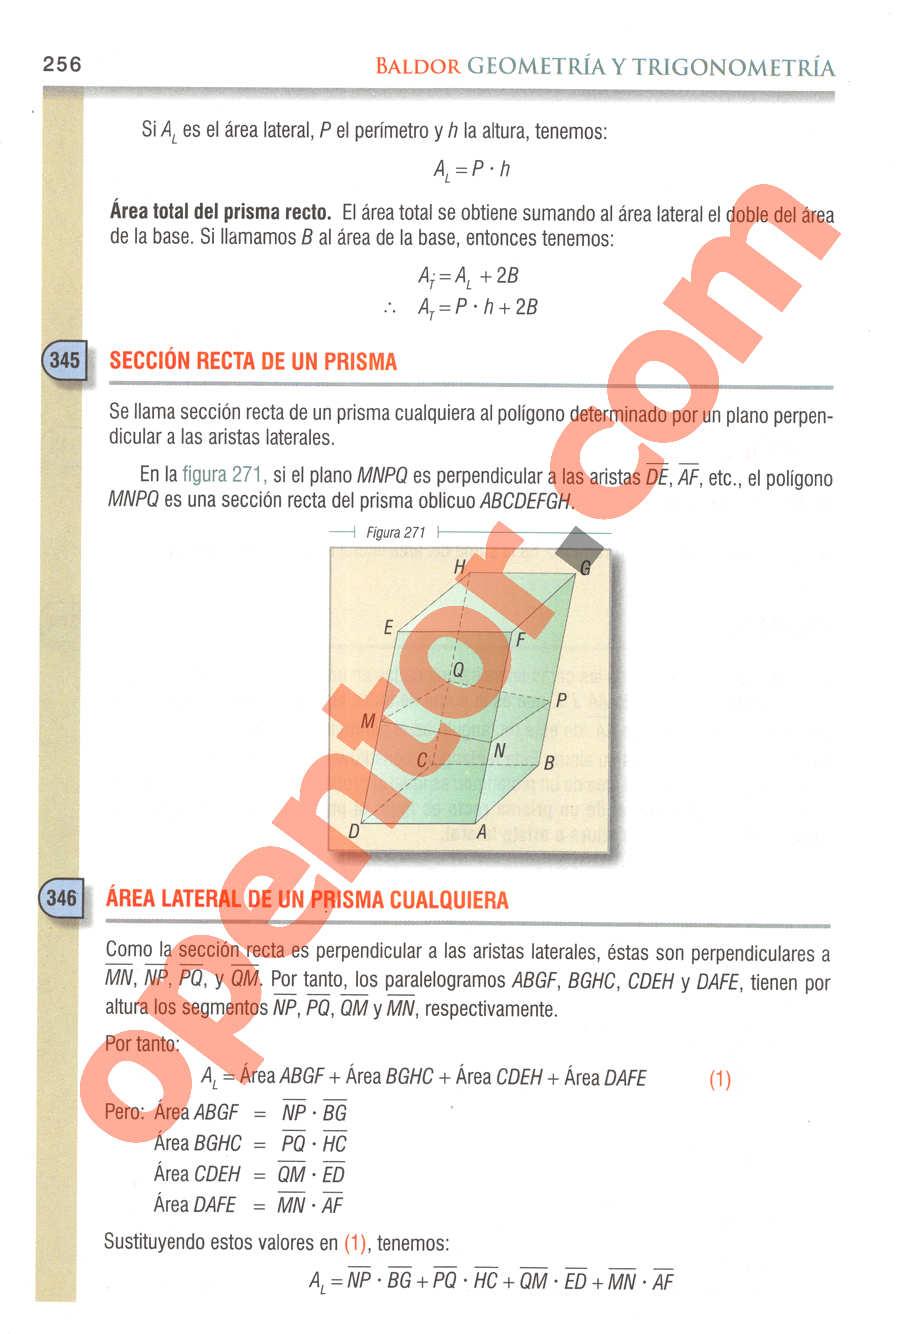 Geometría y Trigonometría de Baldor - Página 256